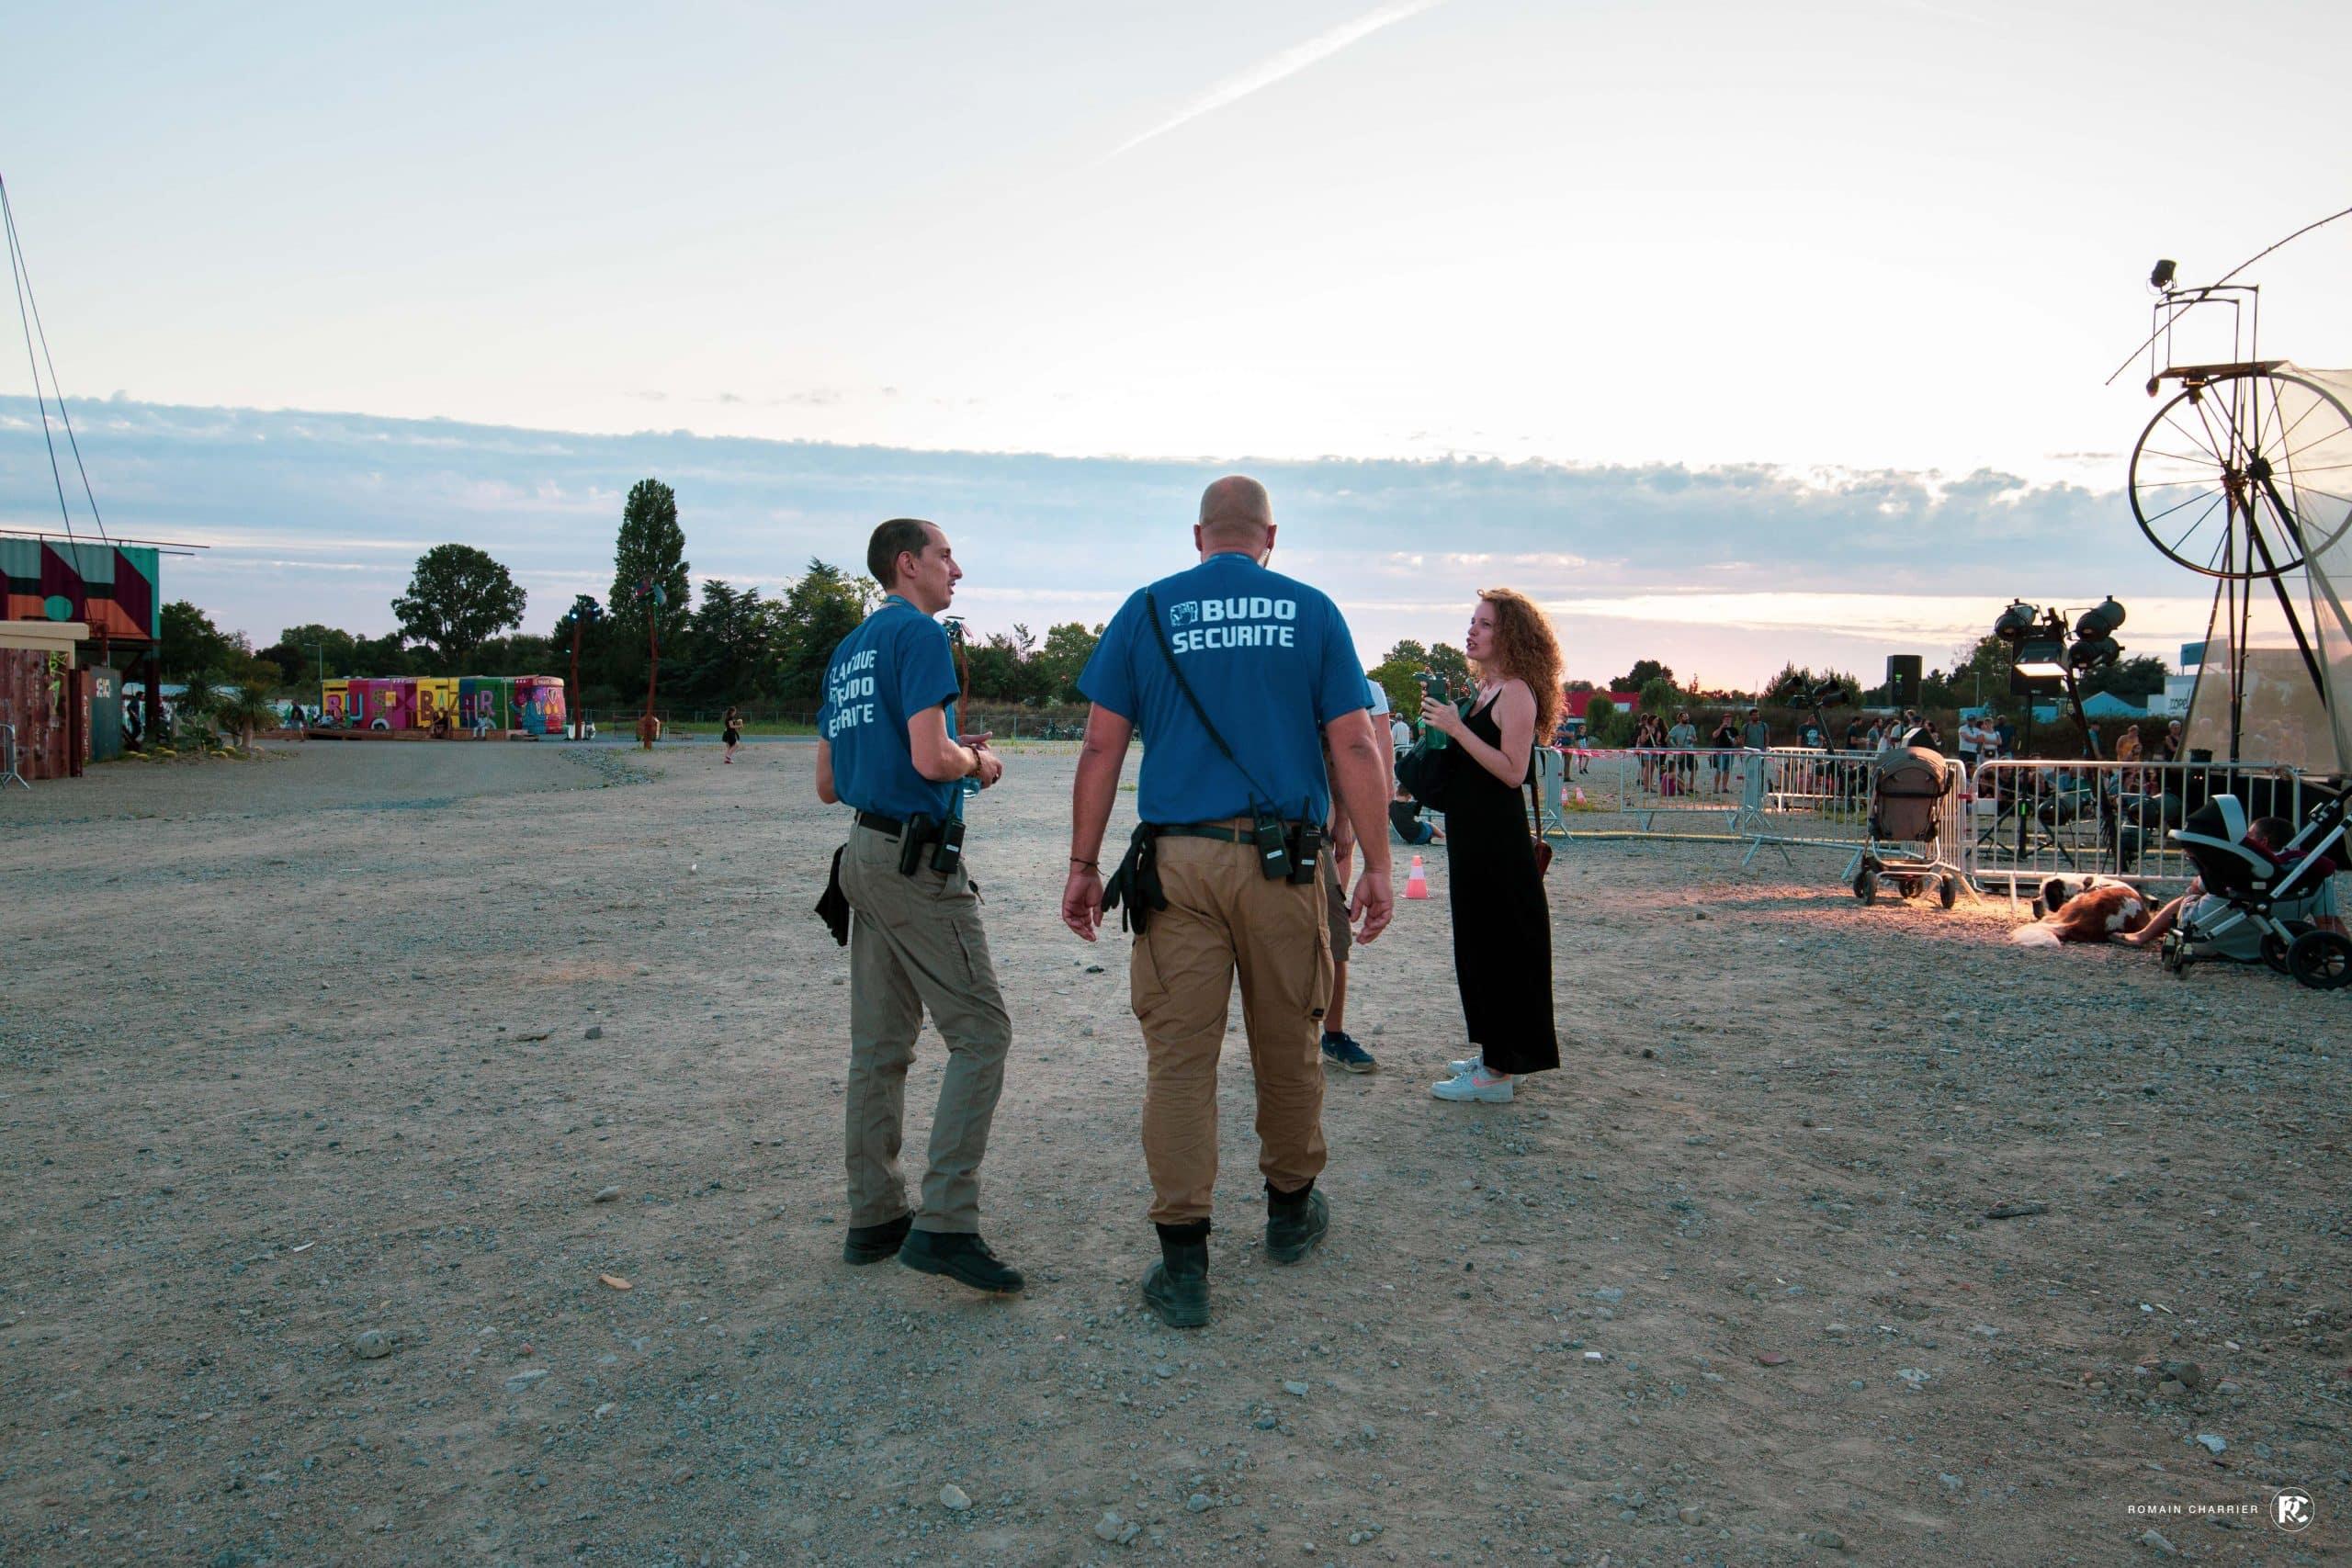 Agents de Budo Sécurité au festival transfert à Nantes.